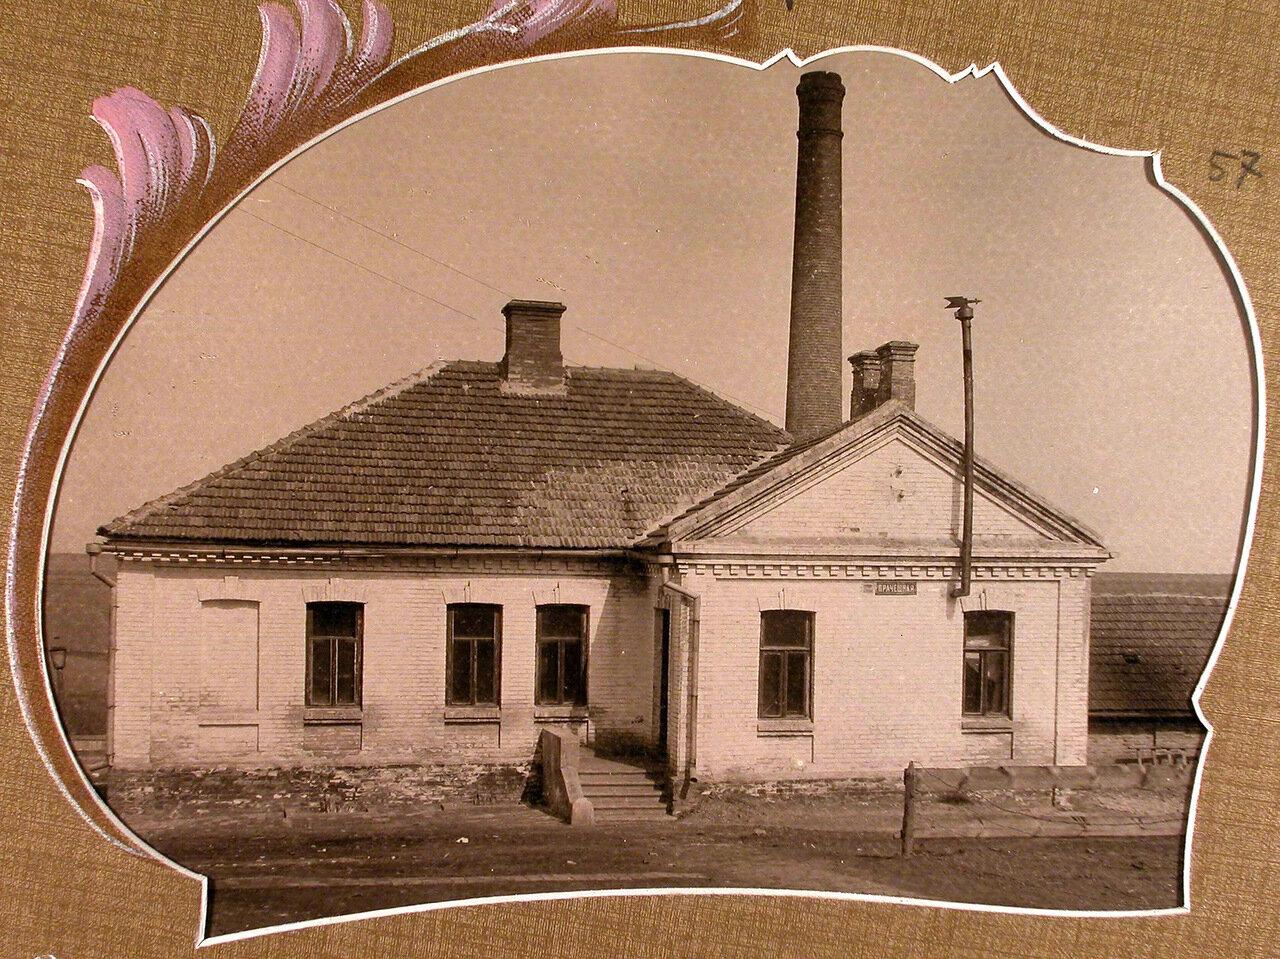 Вид дома, где размещались прачечная и баня